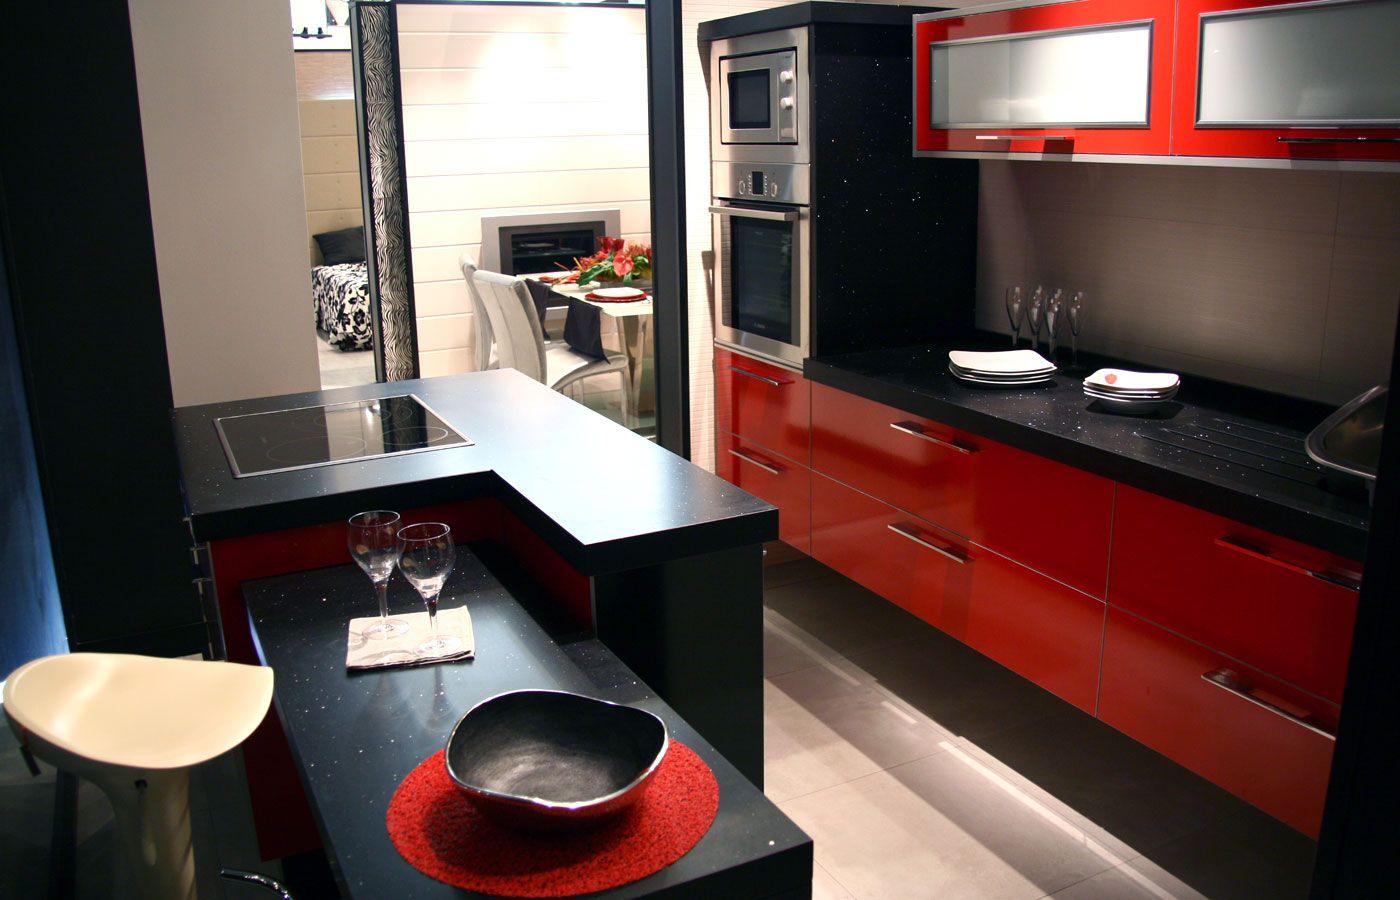 Ideas de color de la cocina con muebles blancos - Cocina Moderna Rojo Y Negro